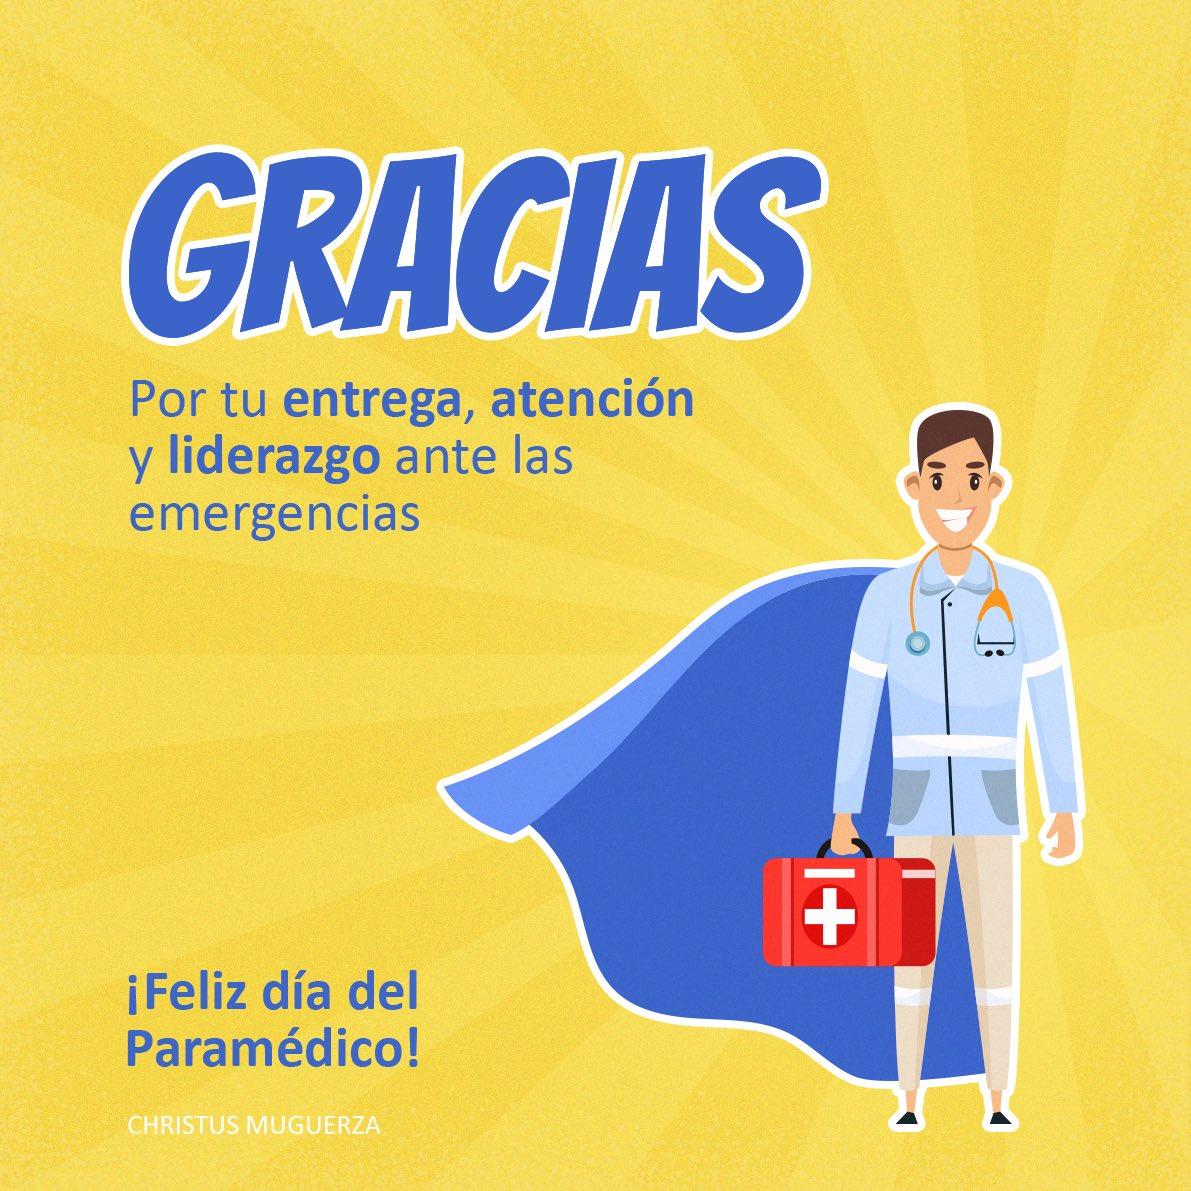 Reconocemos y admiramos el esfuerzo que depositas en tu trabajo a diario, agradecemos todo tu esfuerzo y capacidad ante las emergencias. ¡Feliz día del Paramédico! https://t.co/irbY6VVq9A